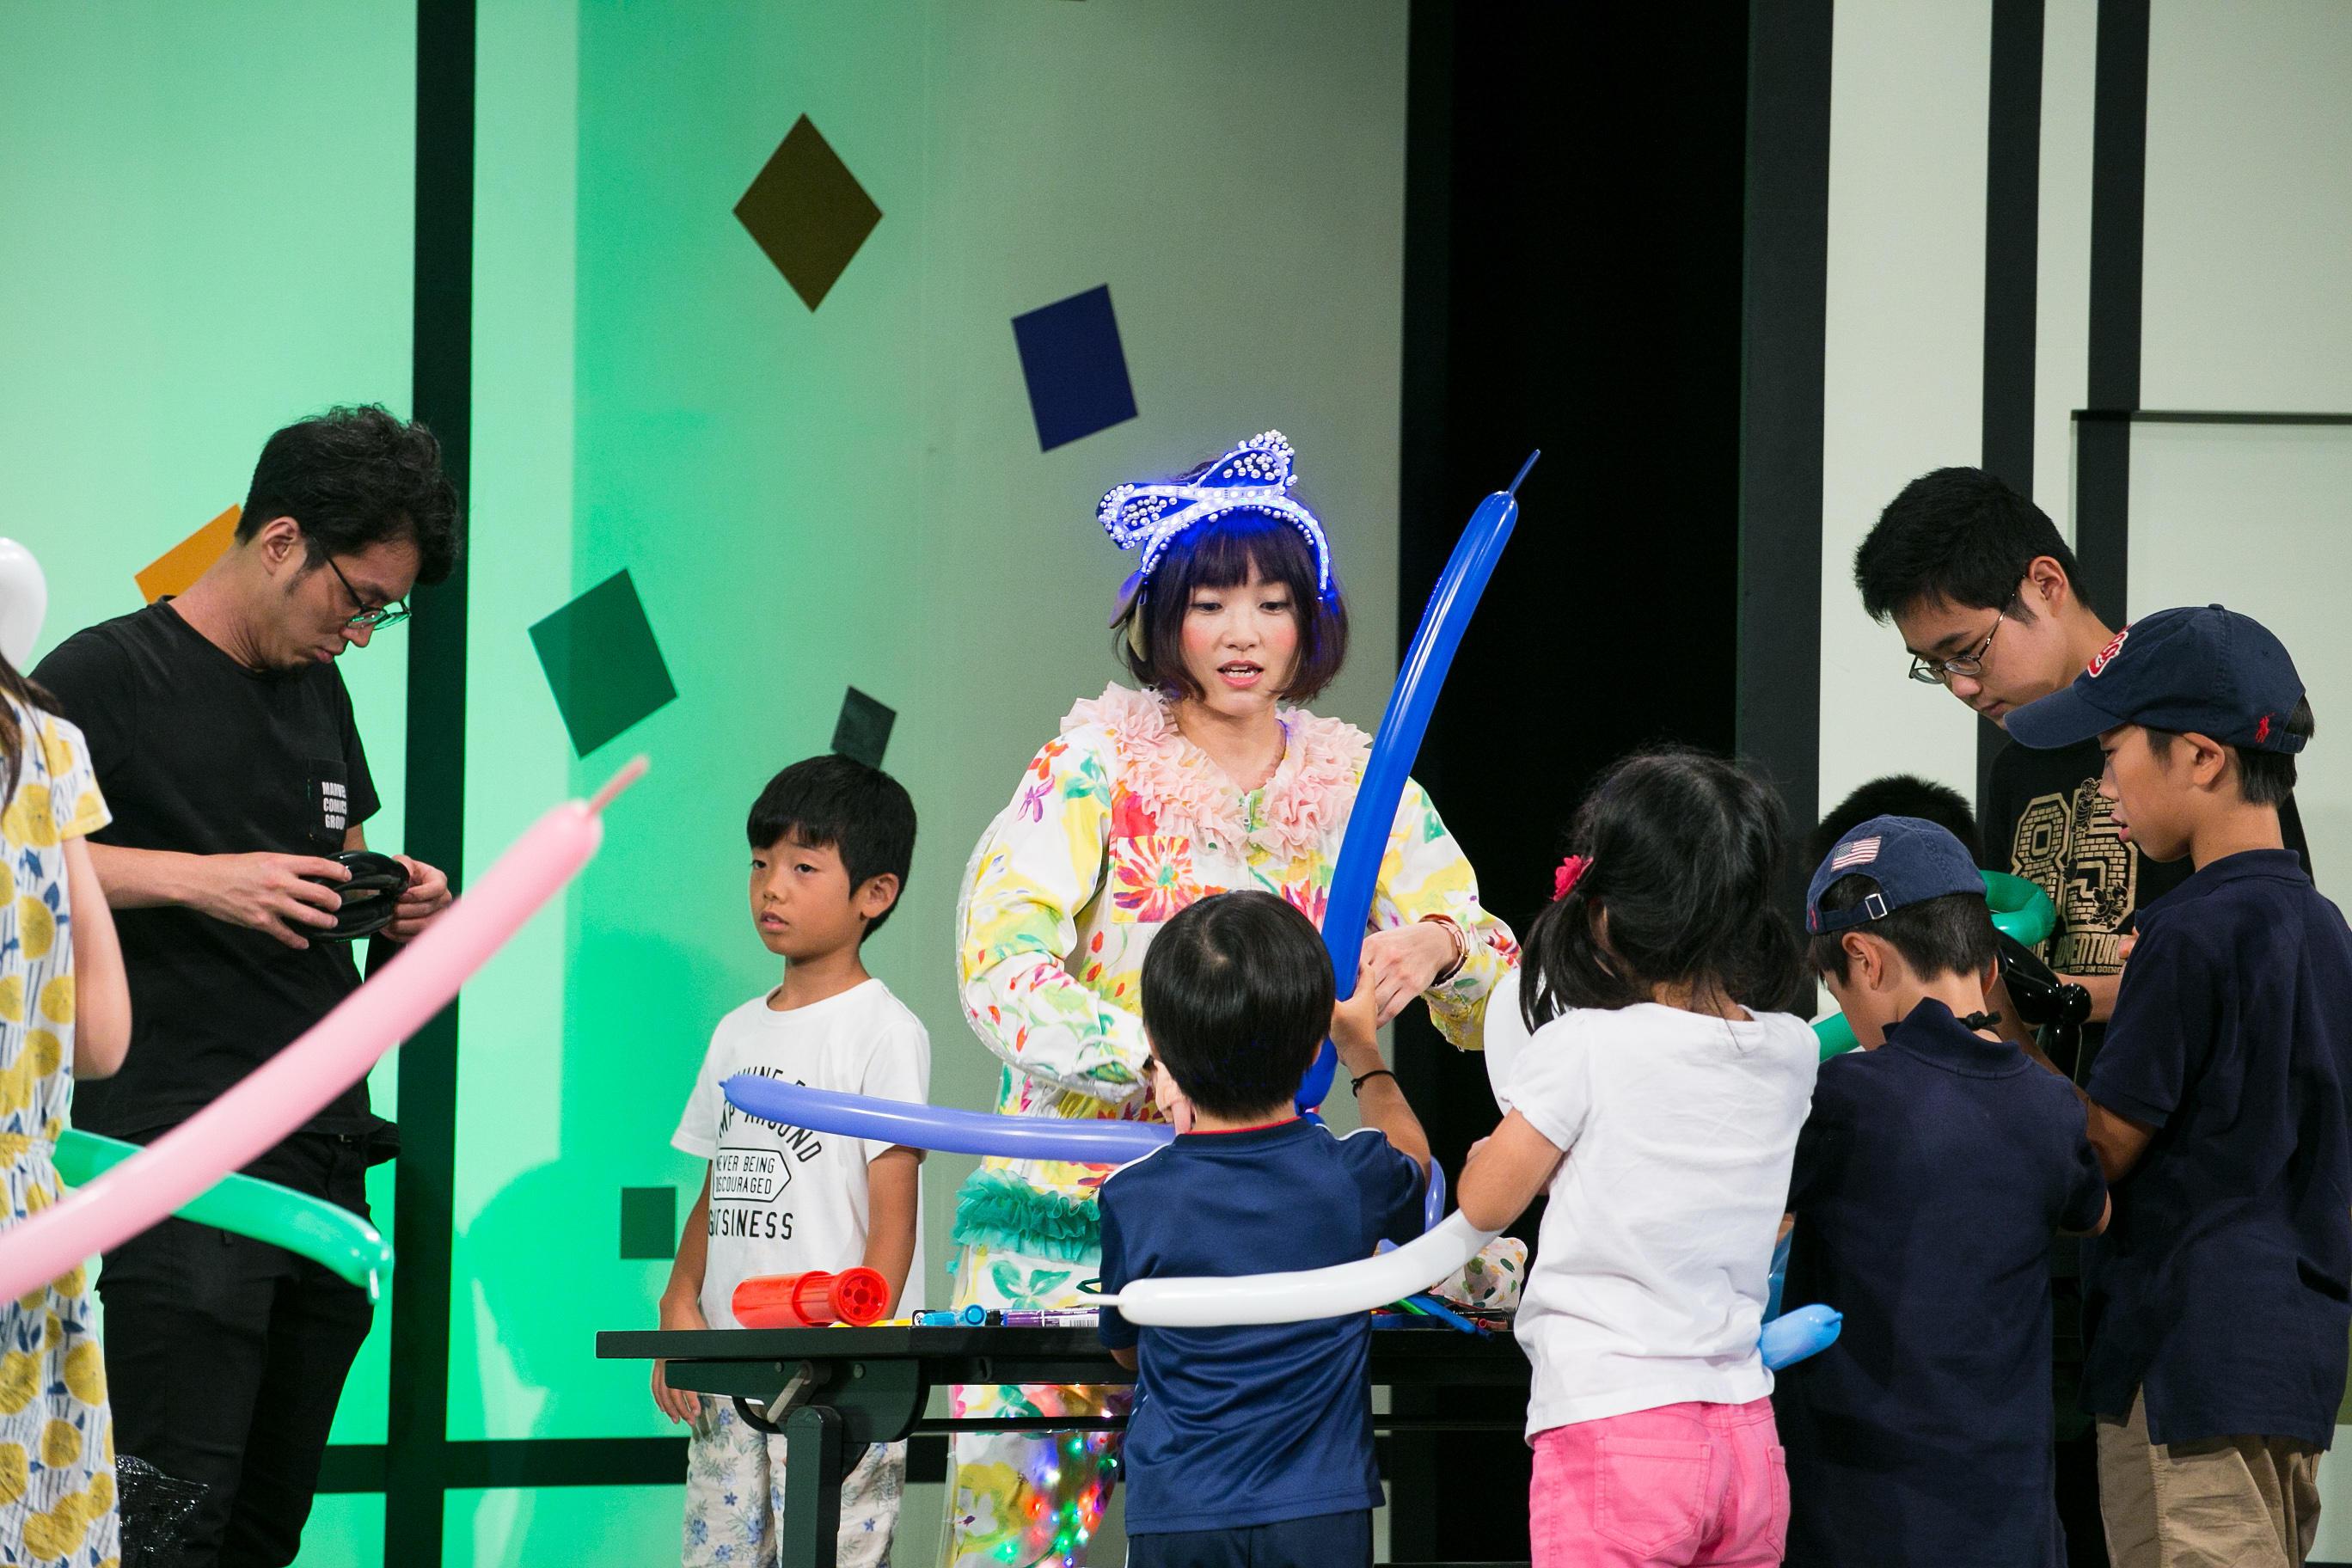 http://news.yoshimoto.co.jp/20180724224217-fcd1569409ebfb3d83847f903e3c1e27a847bba9.jpg